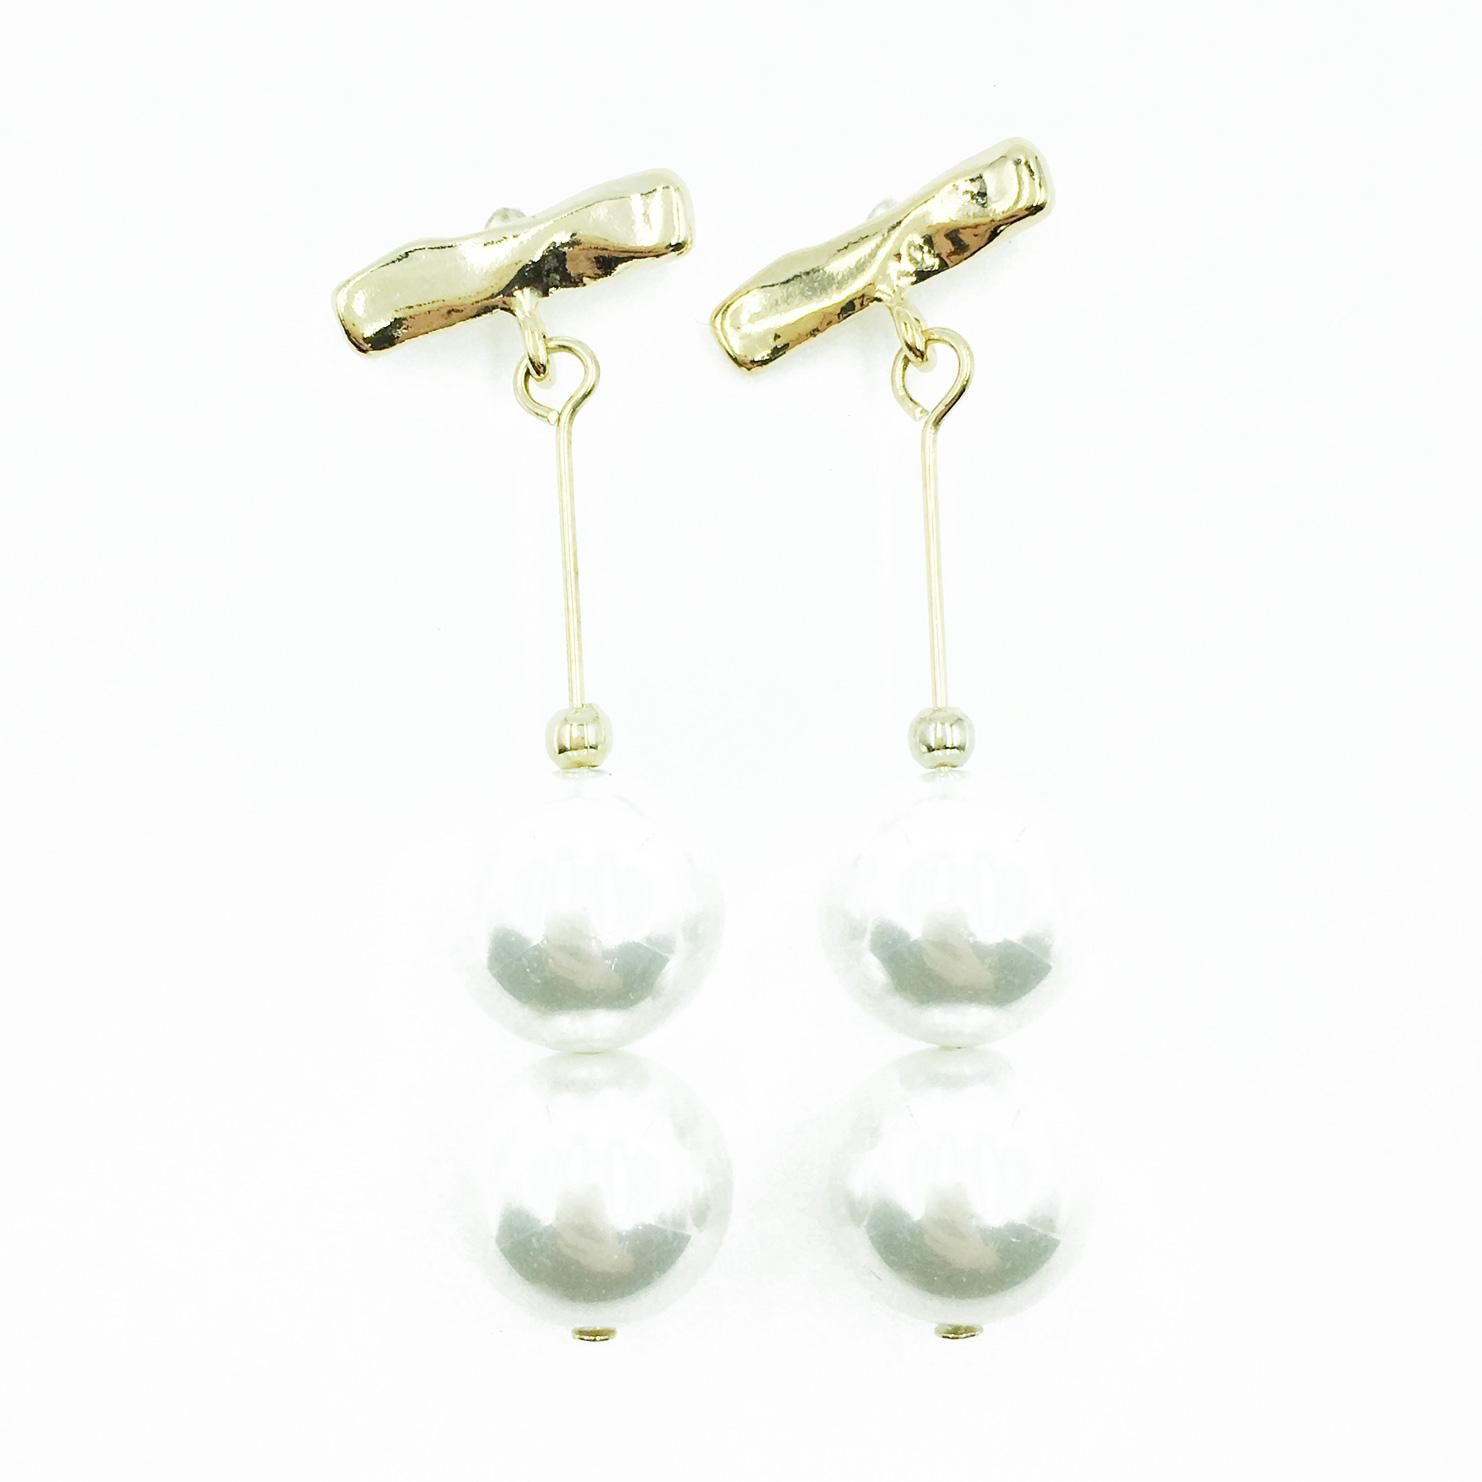 韓國 925純銀 珍珠 氣質優雅 垂墜感 耳針式耳環